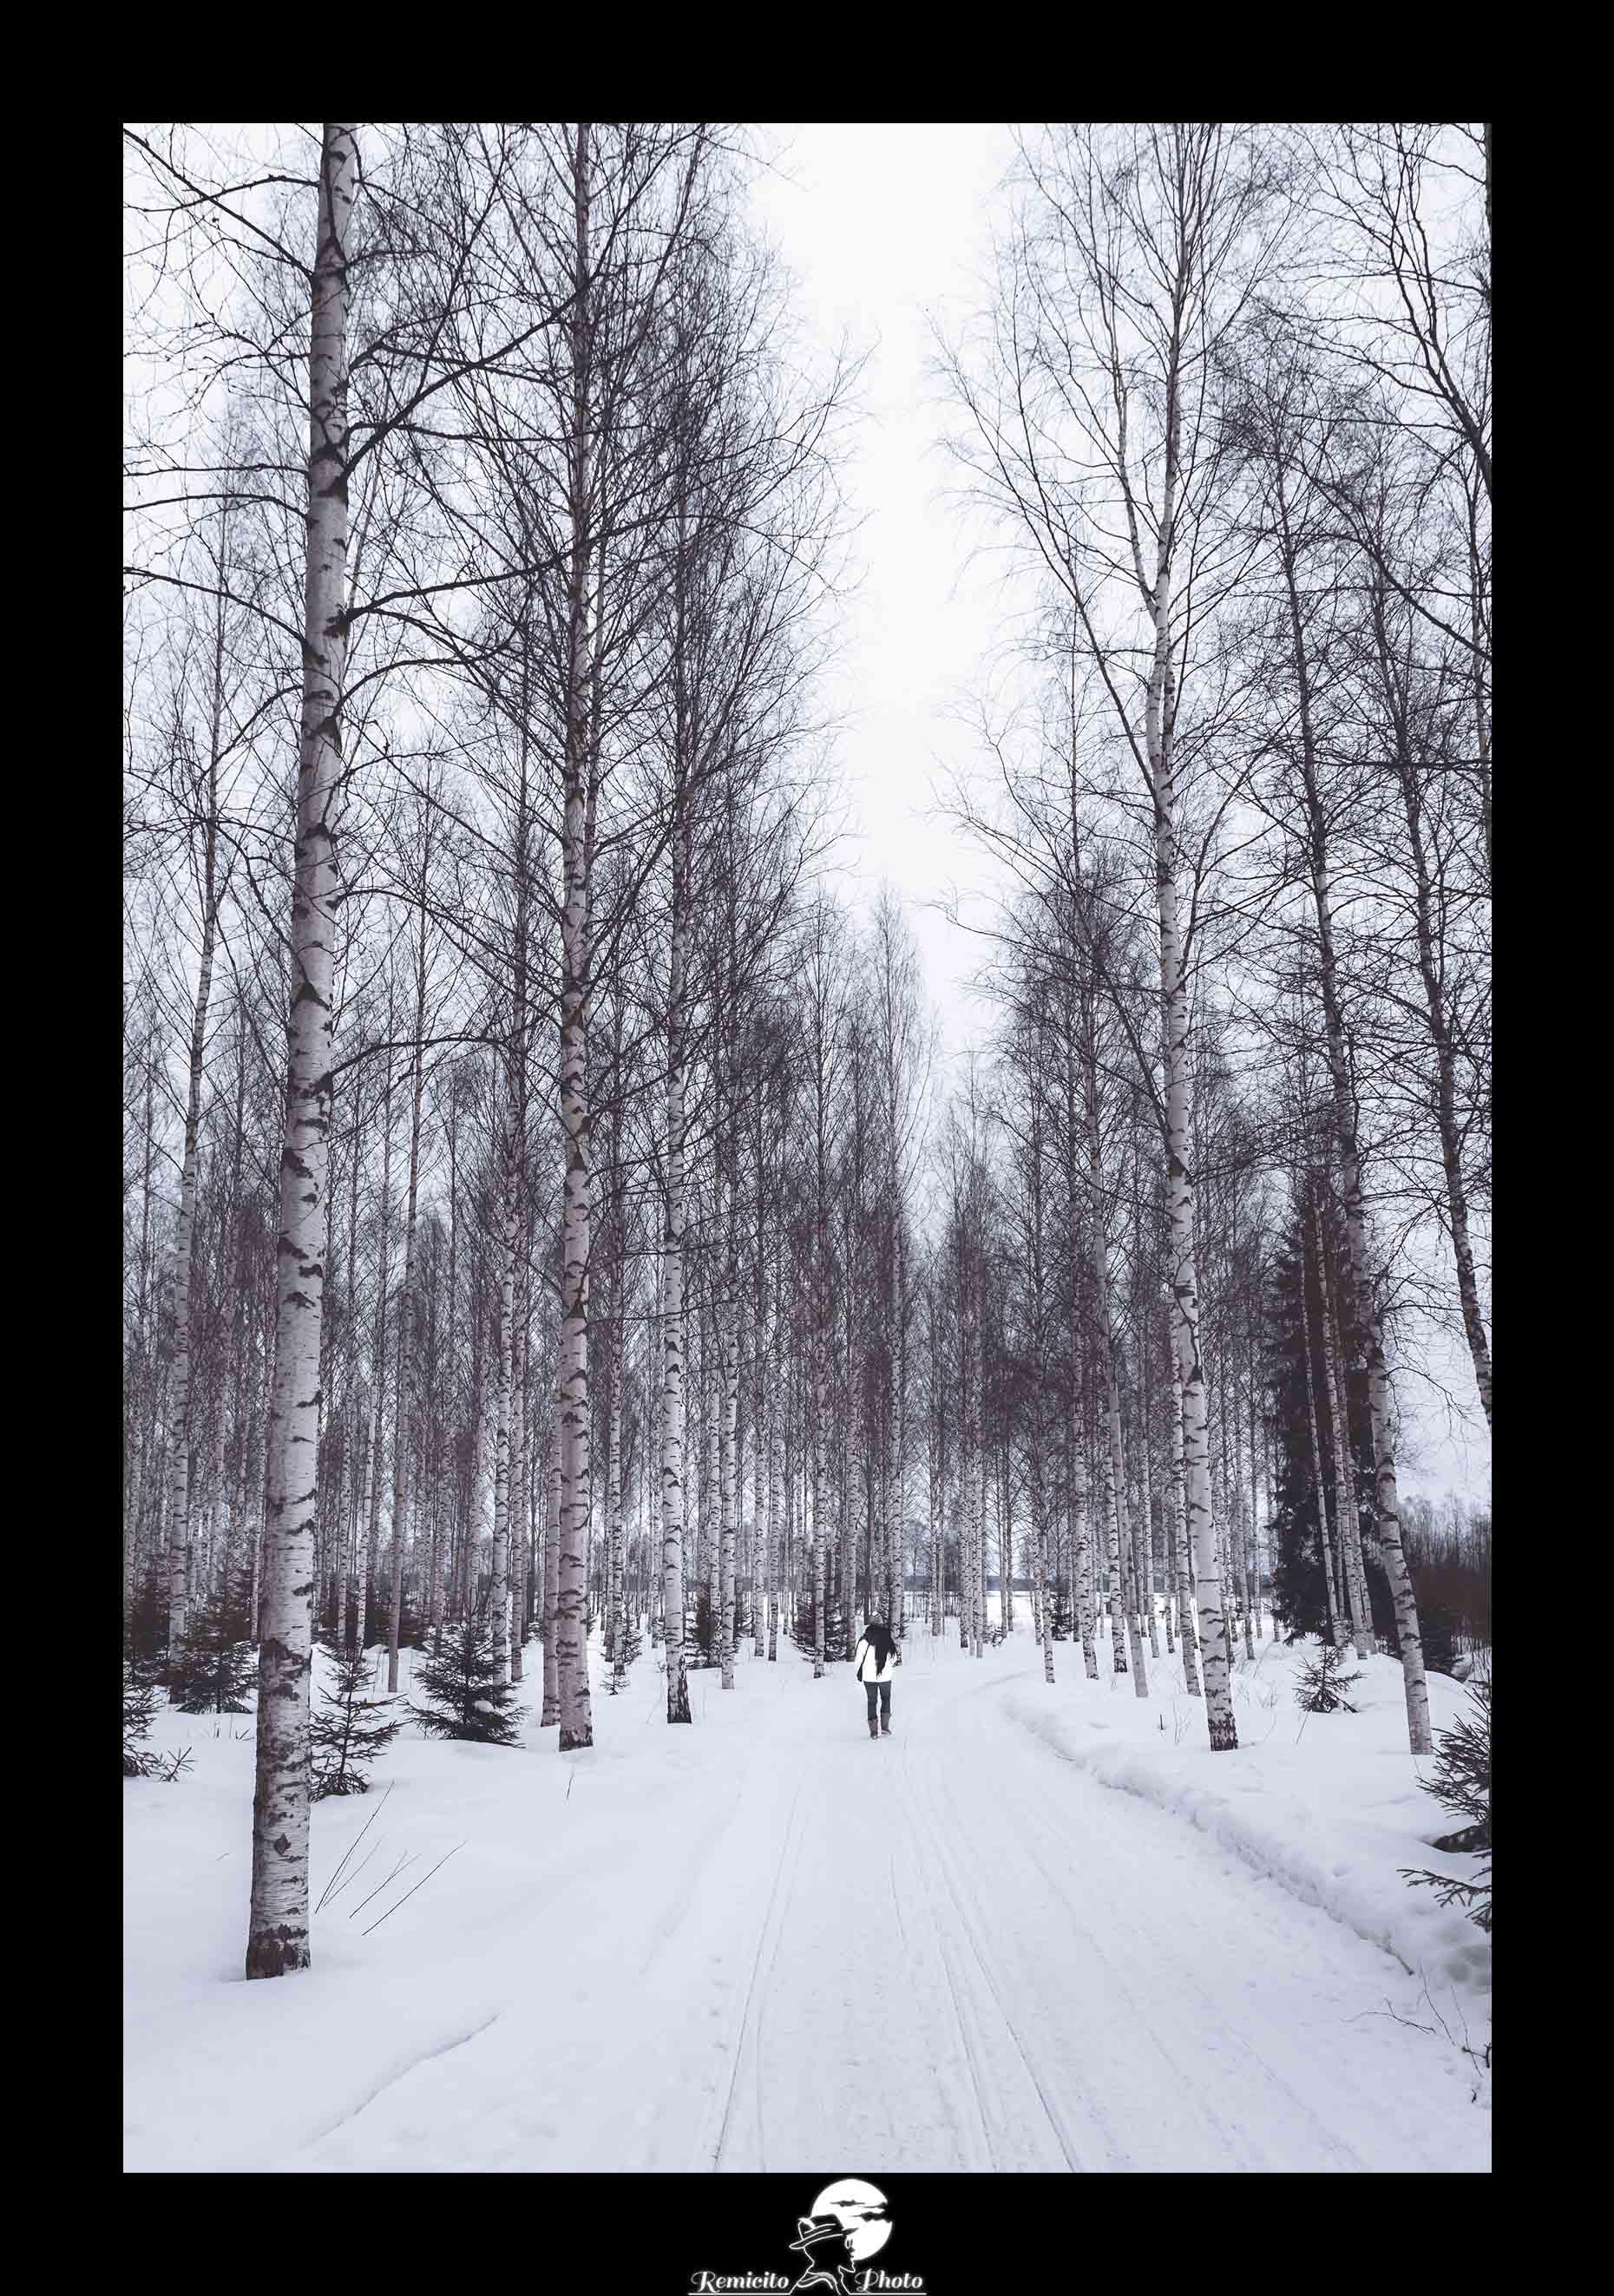 Remicito photo, remicito rémi lacombe photographe paris, belle photo remicito finlande paradis blanc, photo forêt idée cadeau neige